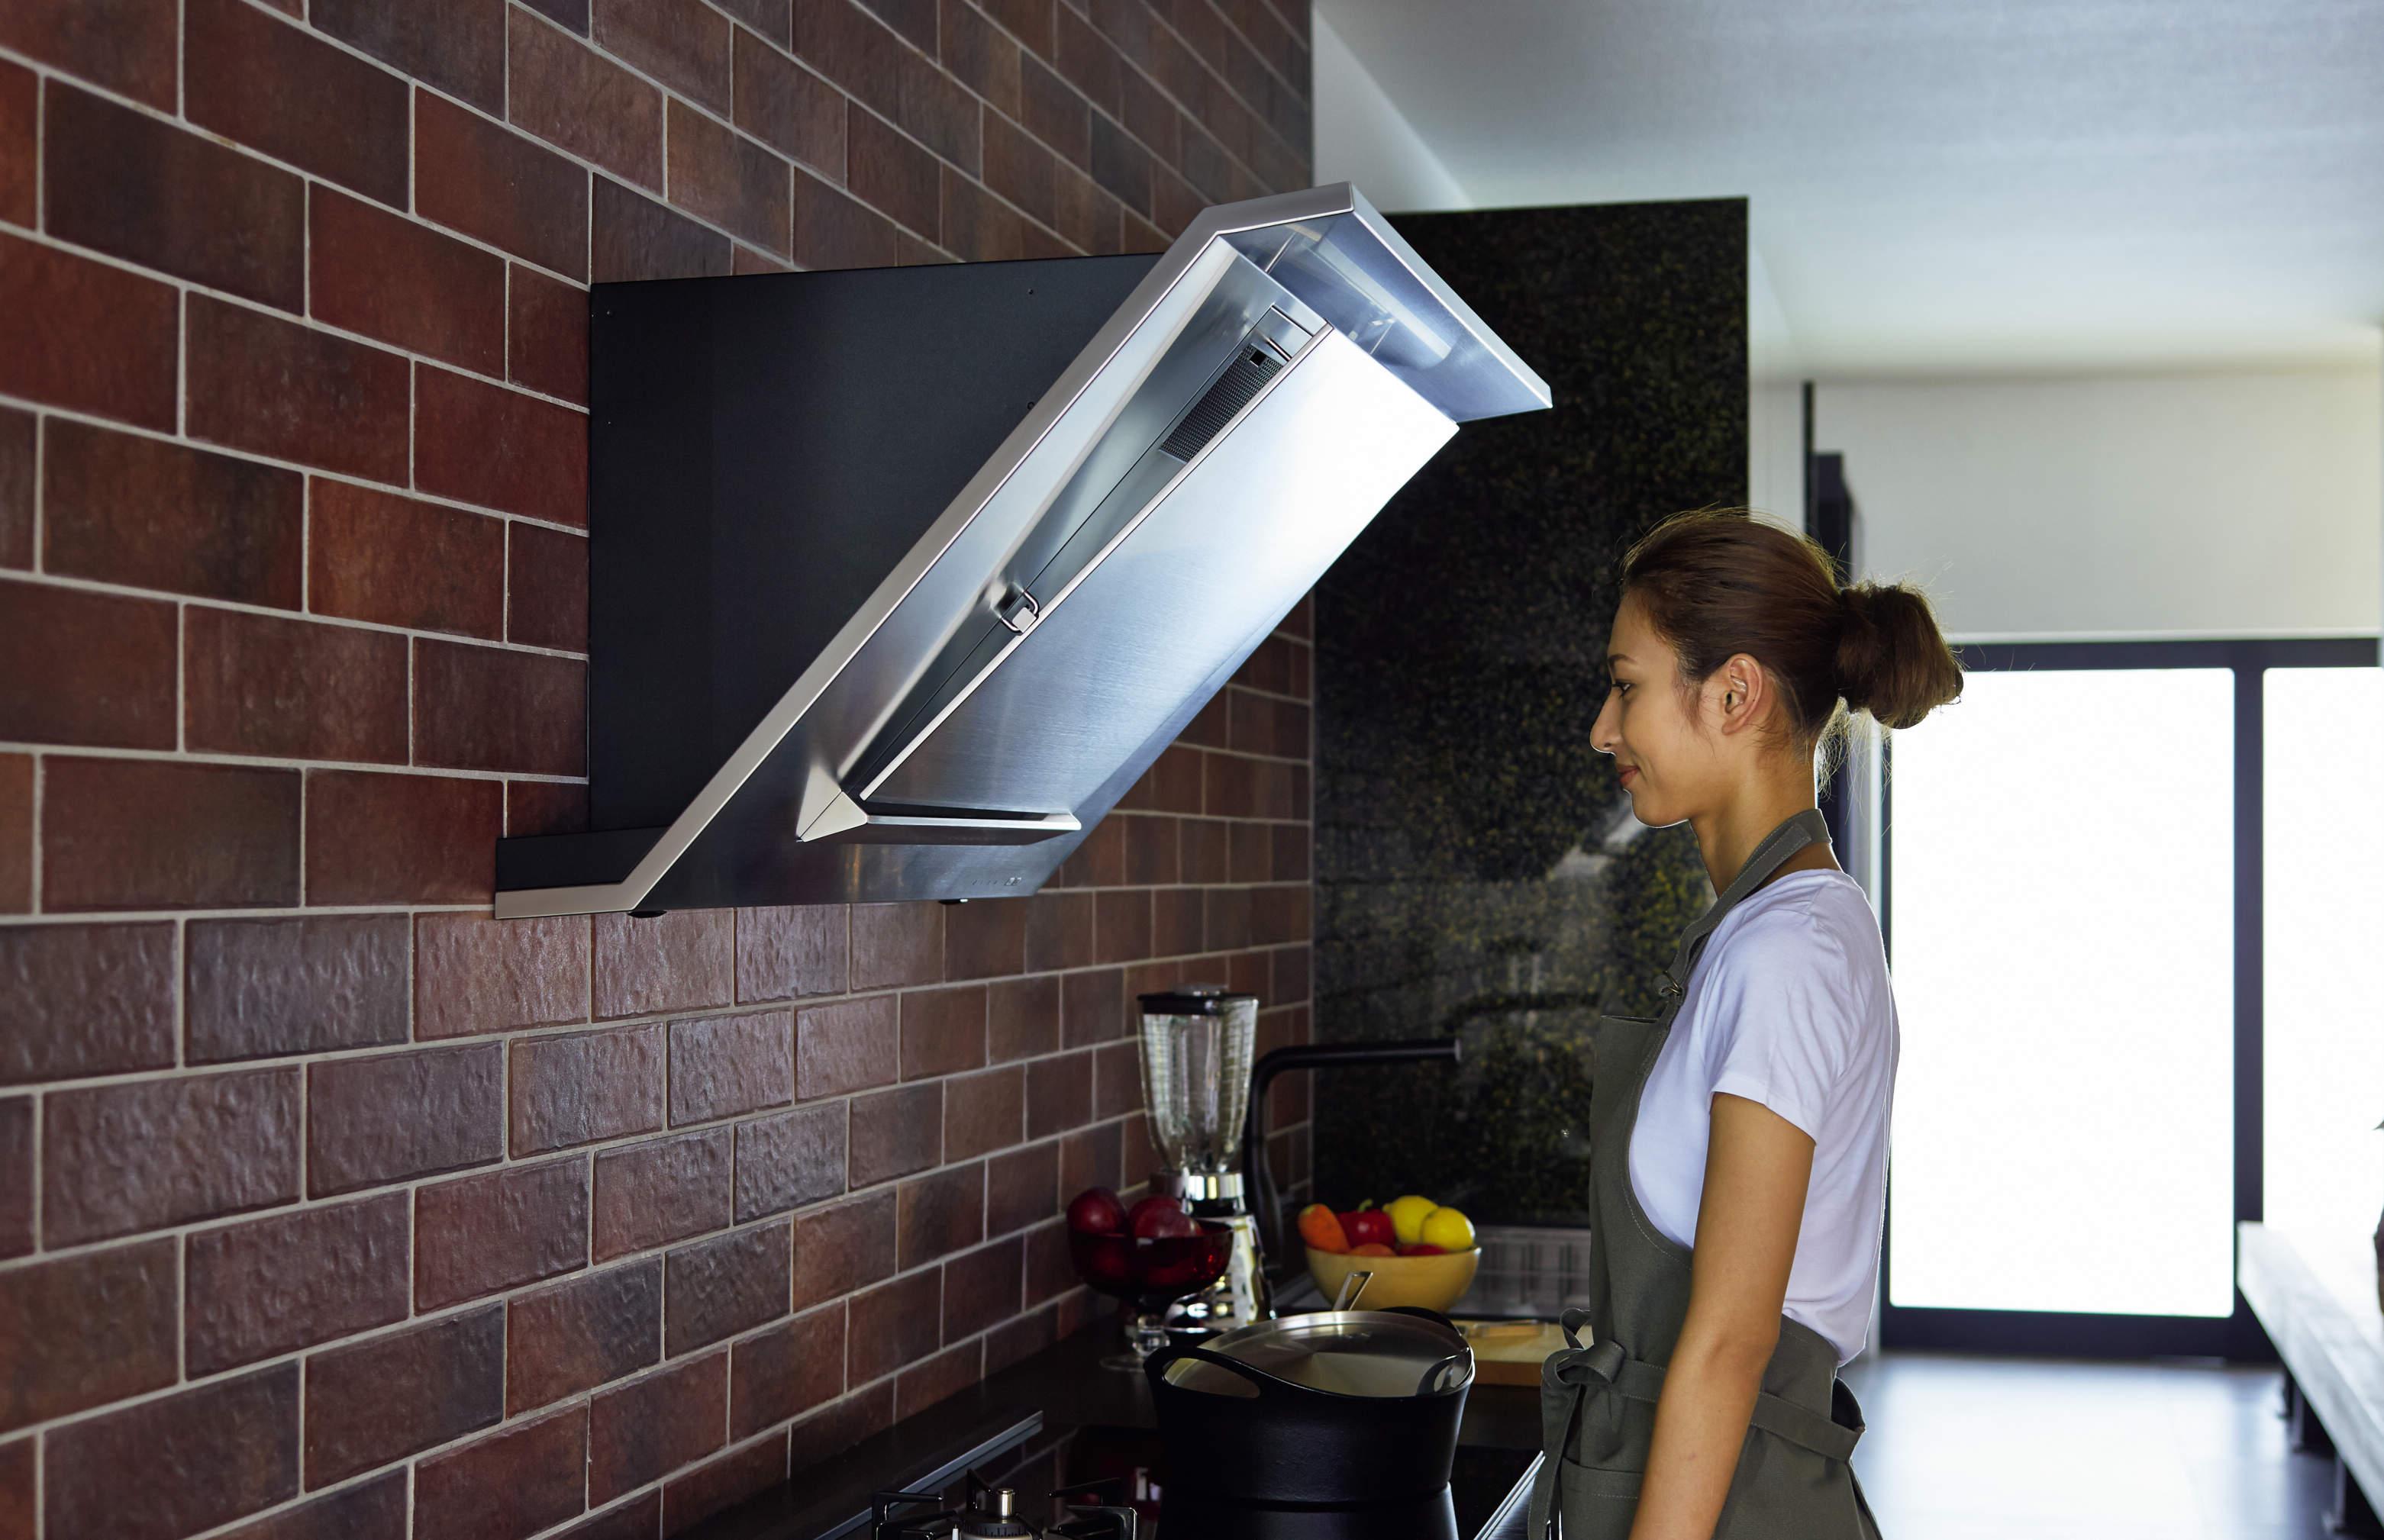 時短お掃除へ!自動洗浄とアイデアフィルター換気扇 サムネイル画像